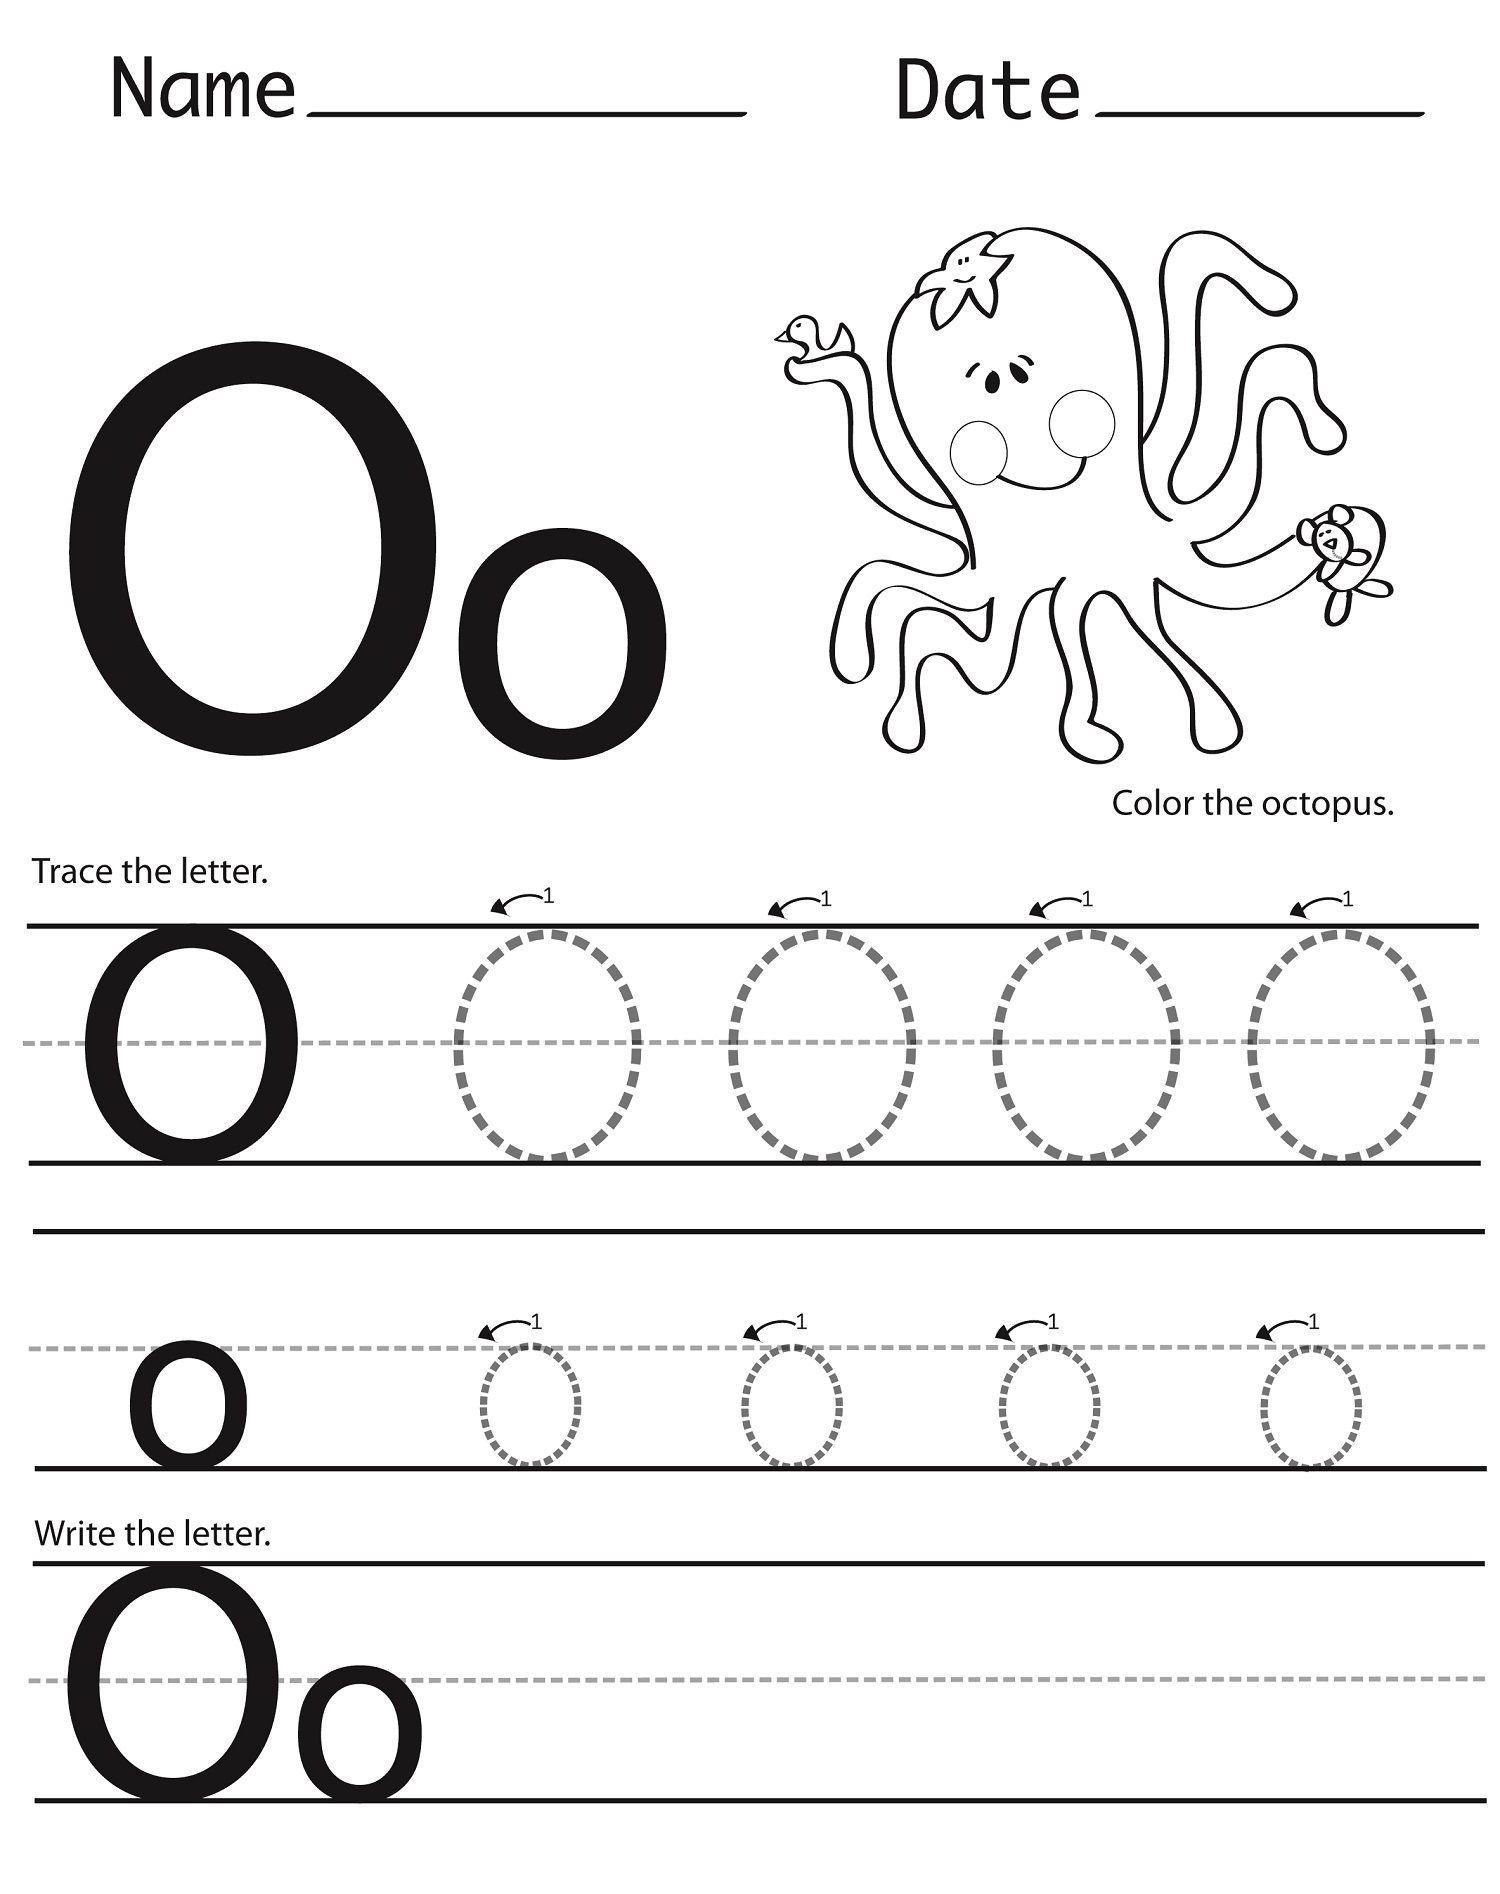 Letter O Worksheet For Alphabet Learning | Dear Joya ...